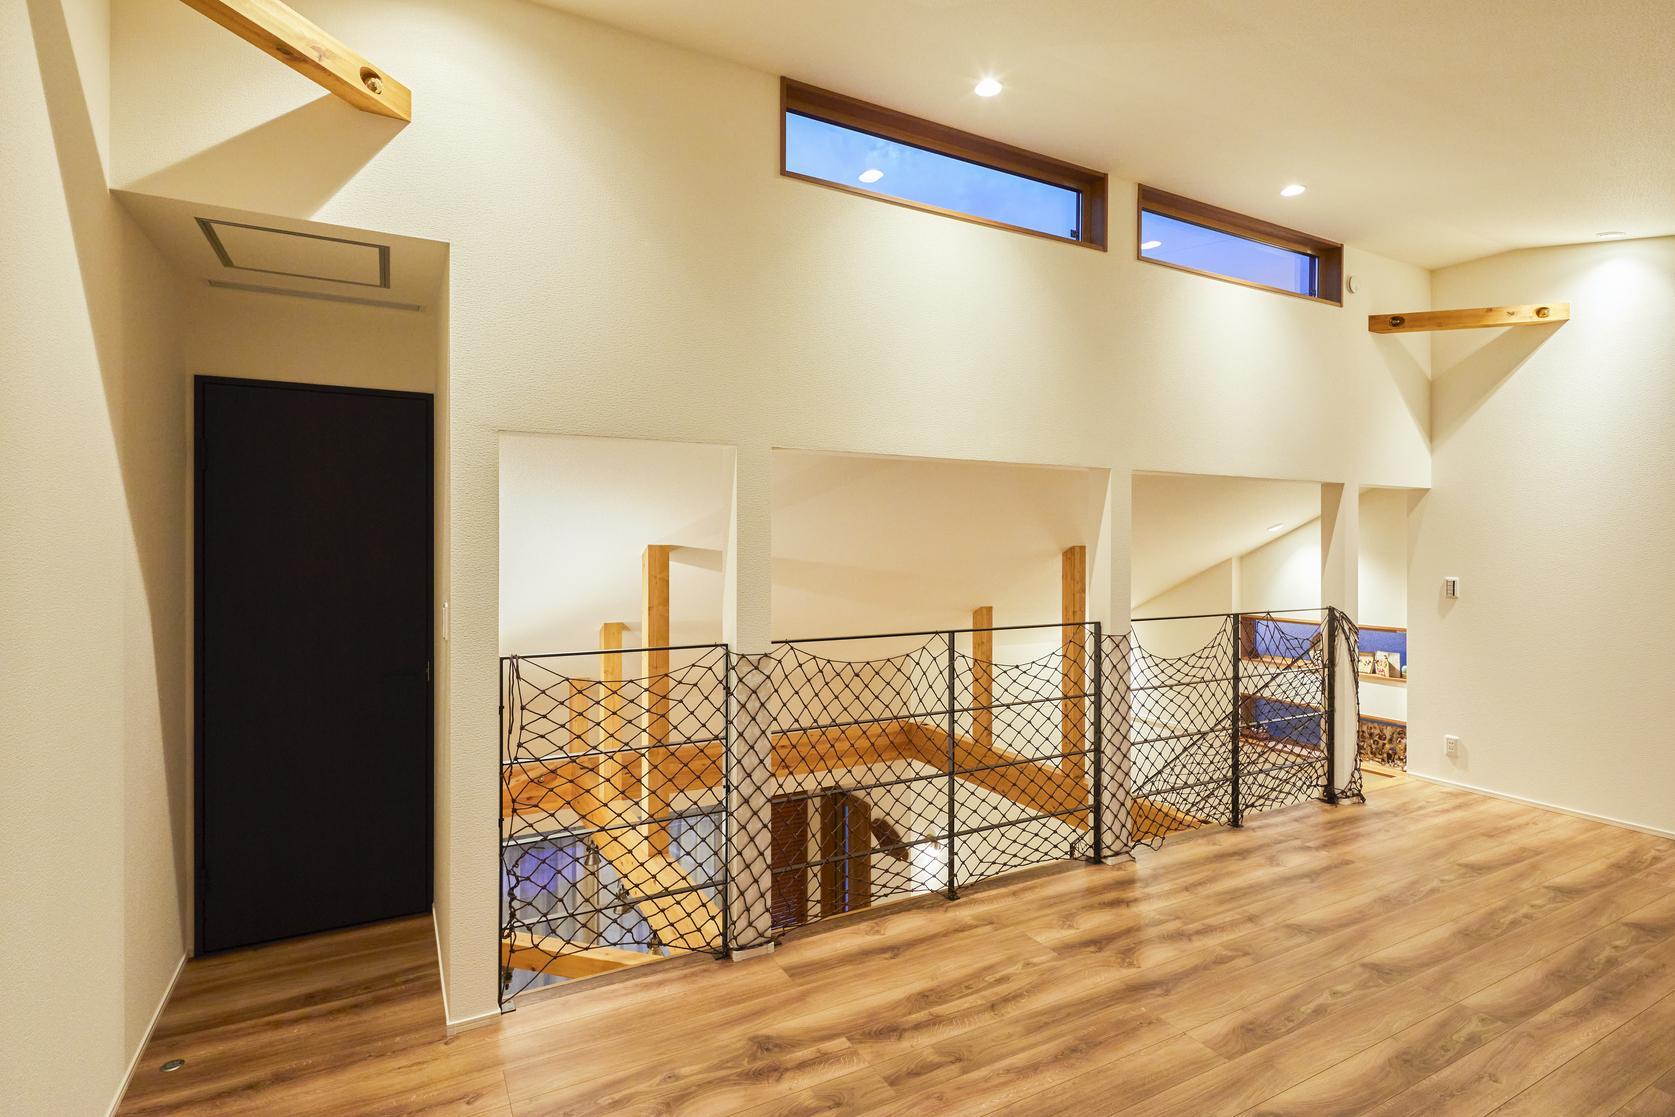 勾配天井を生かした高い位置の窓は2階ホールに明るい光を差し込んでくれる